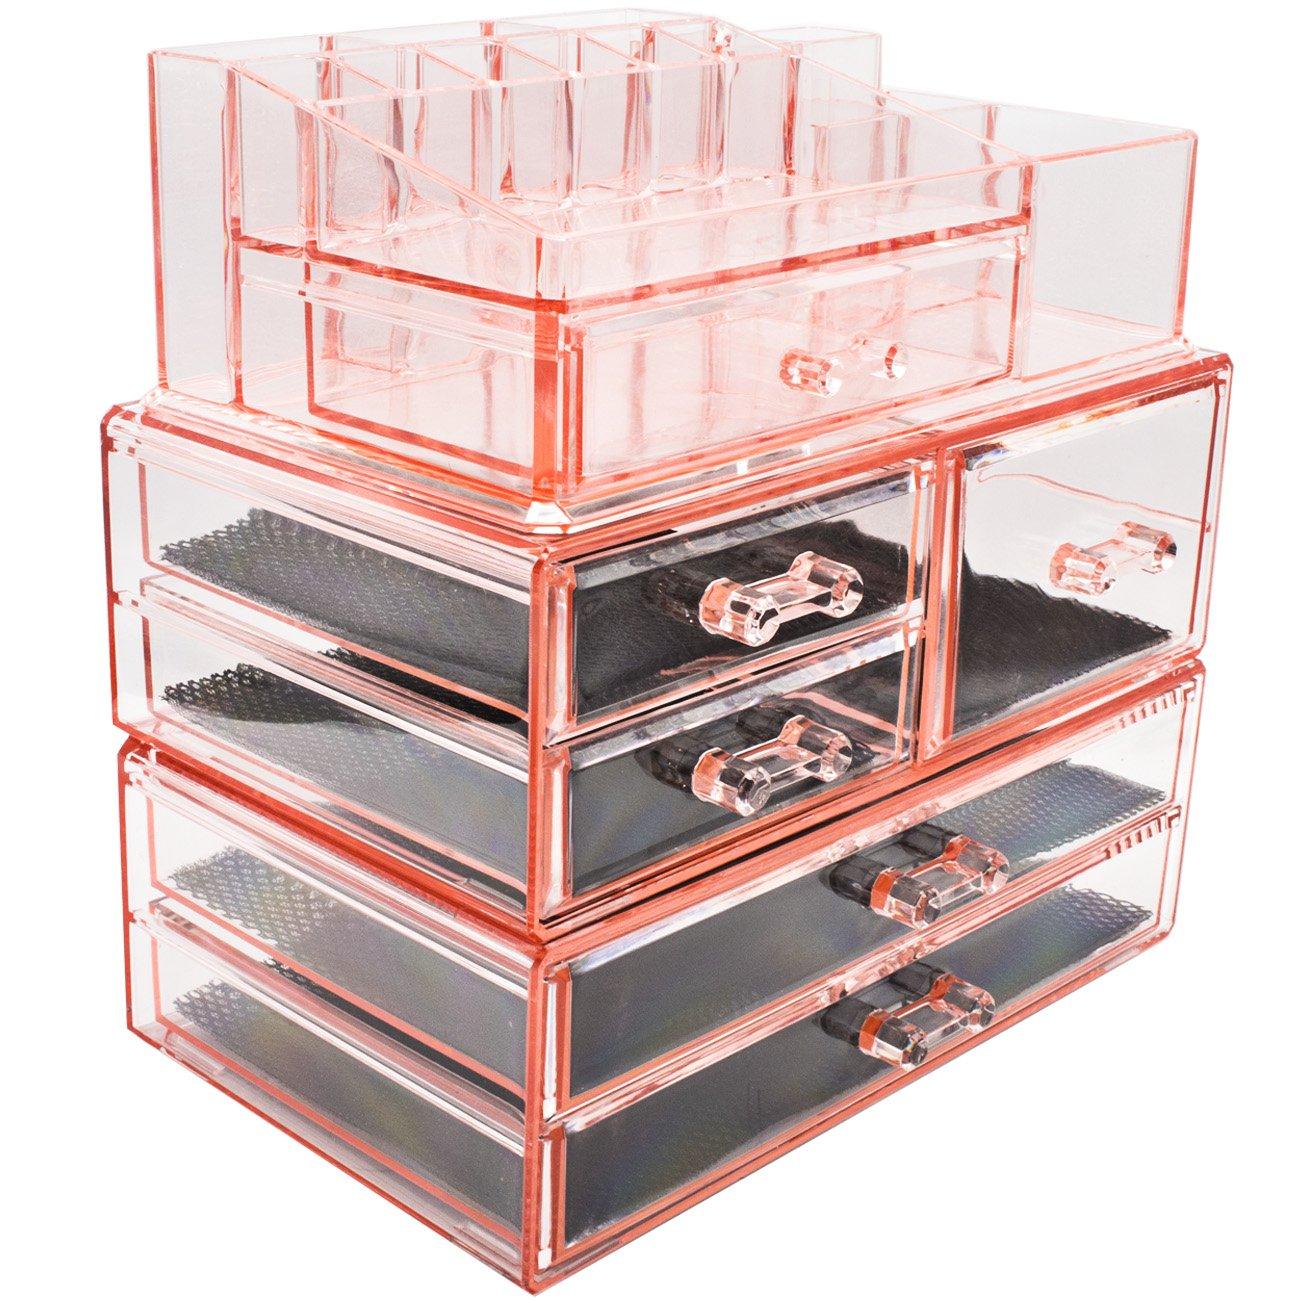 Amazon.com: Sorbus - Juego de cajas de almacenamiento de ...